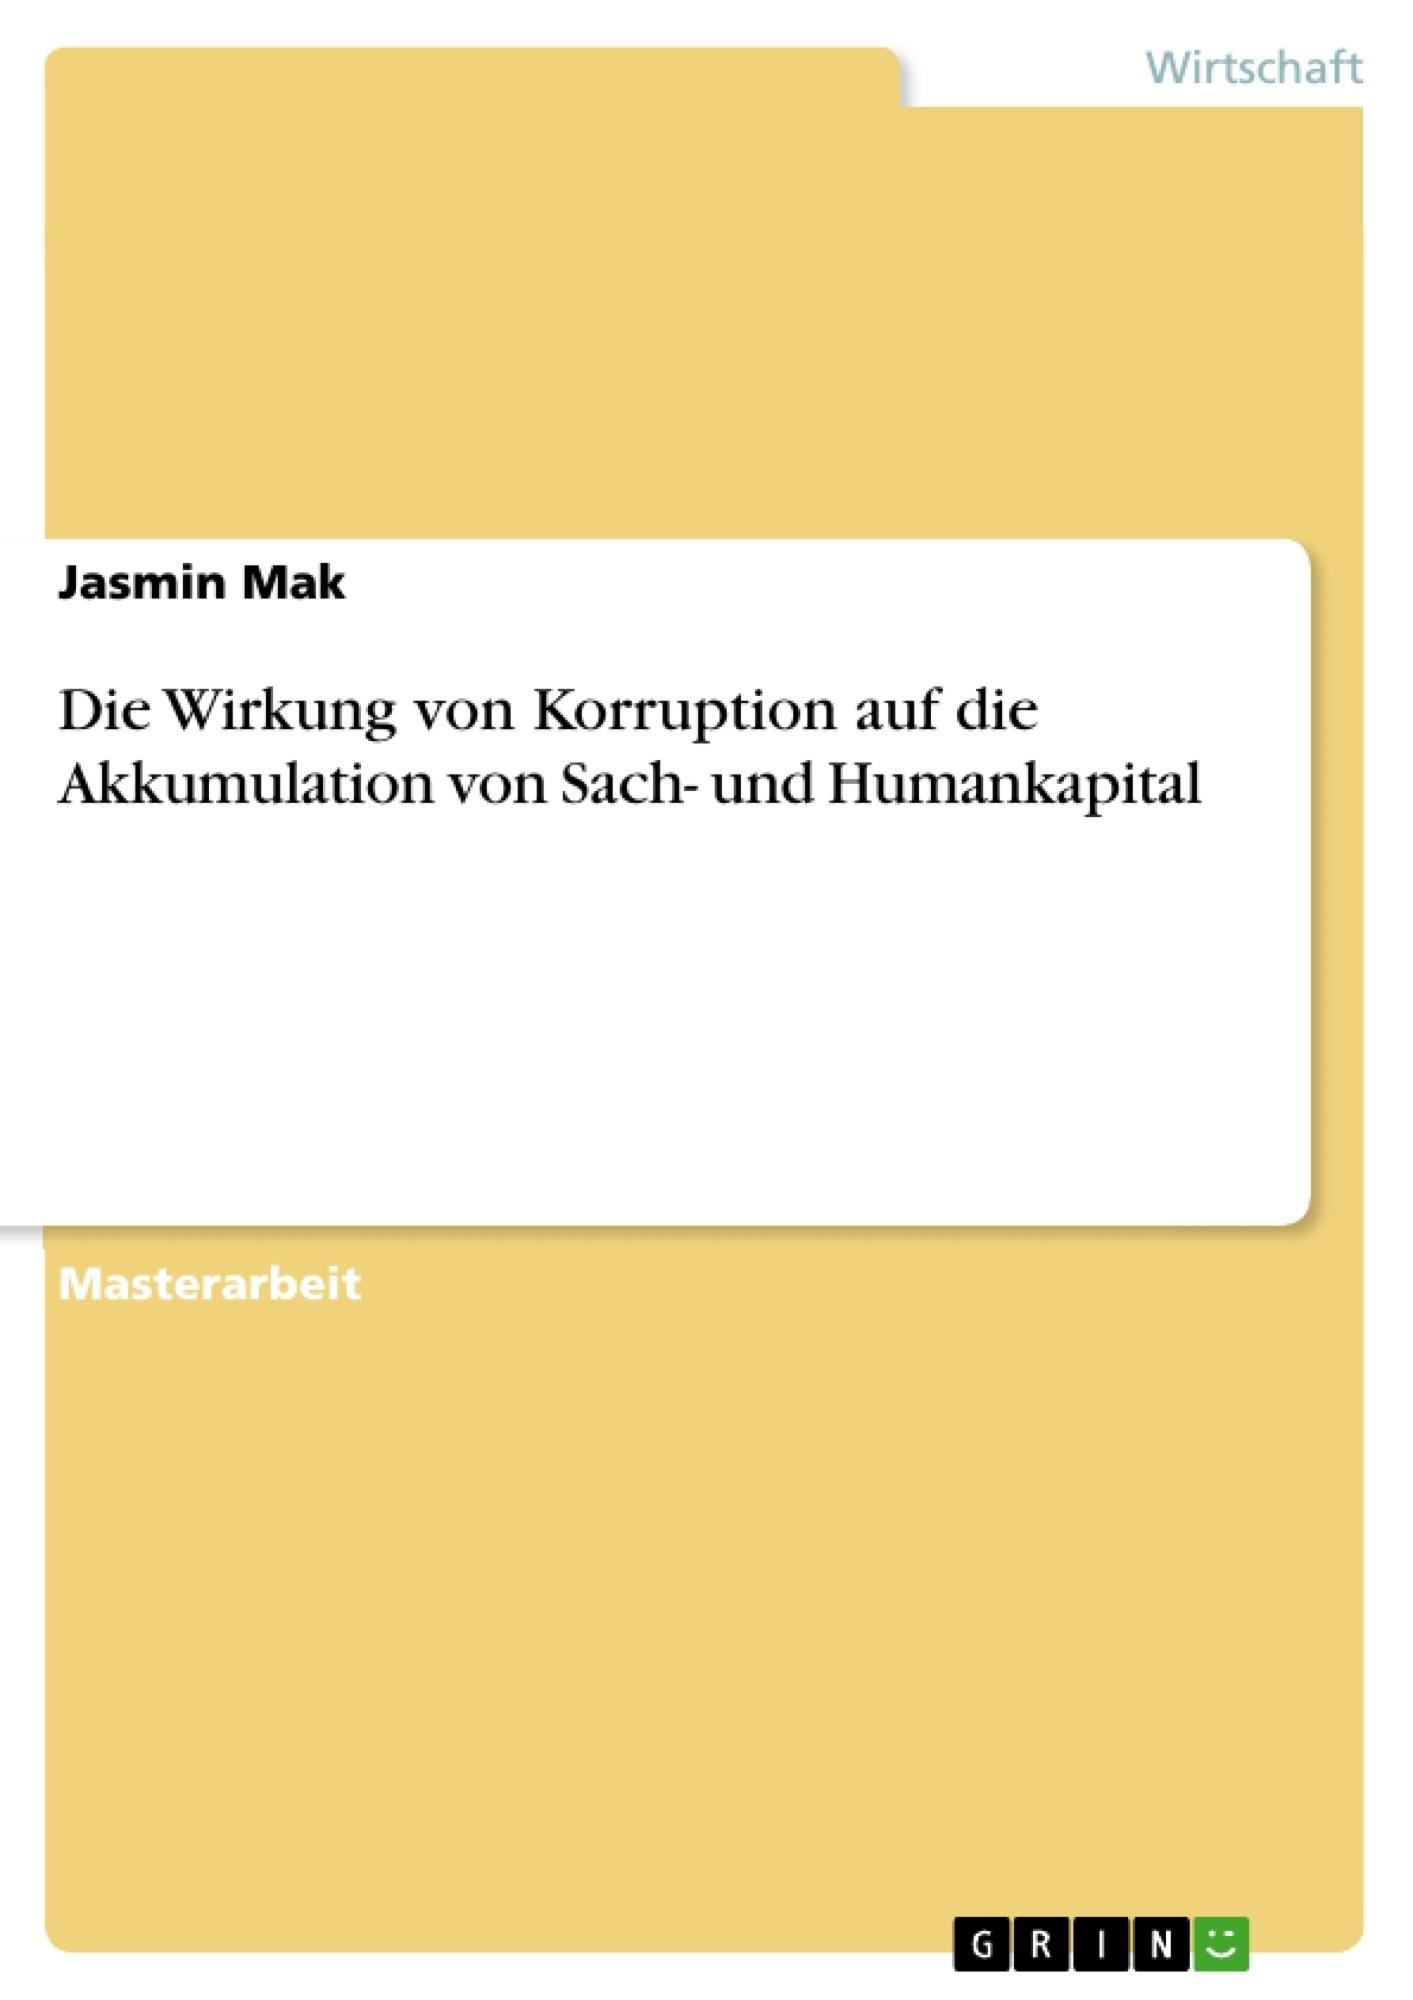 Titel: Die Wirkung von Korruption auf die Akkumulation von Sach- und Humankapital